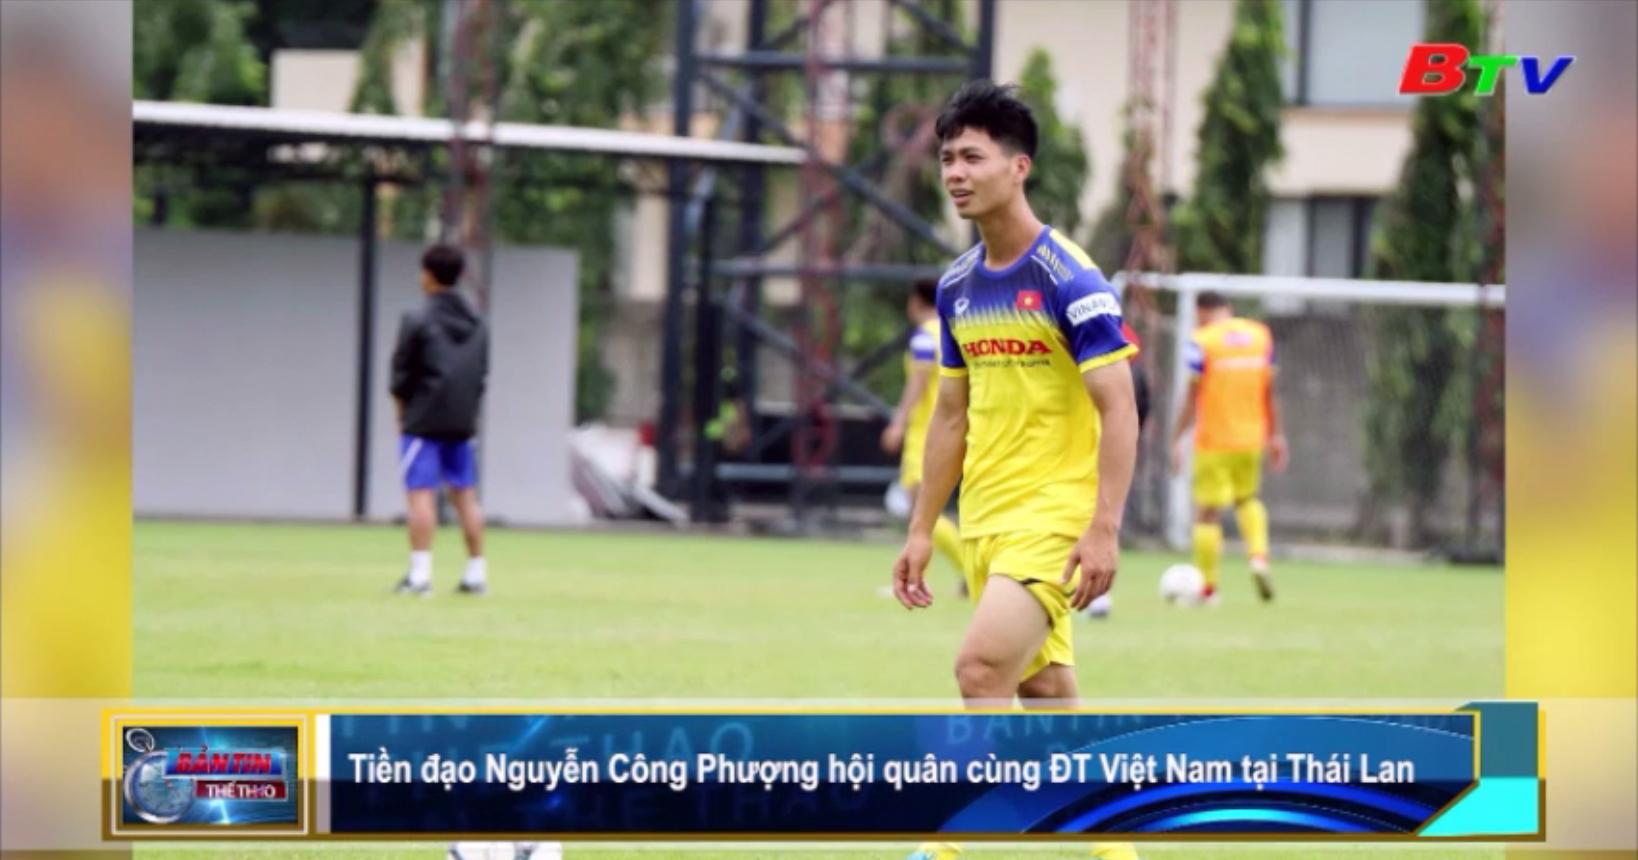 Công Phượng hội quân cùng đội tuyển Việt Nam tại Thái Lan